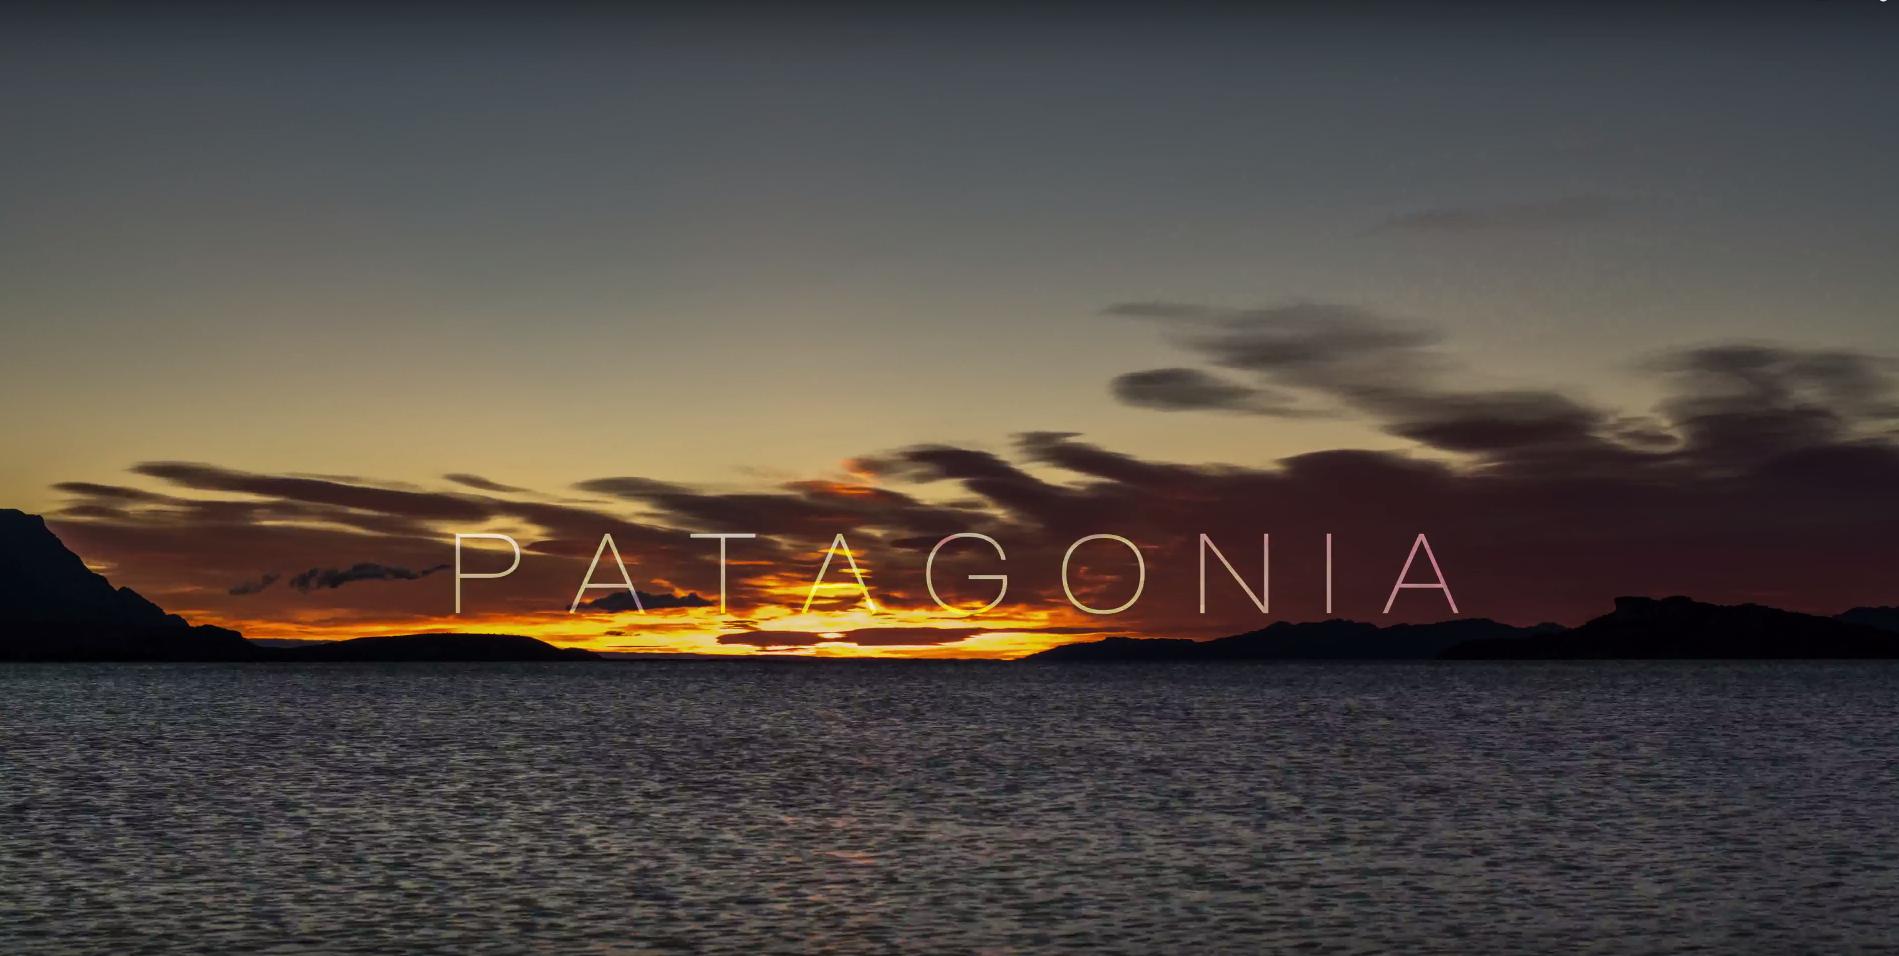 Découvrez la Patagonie en très haute definition